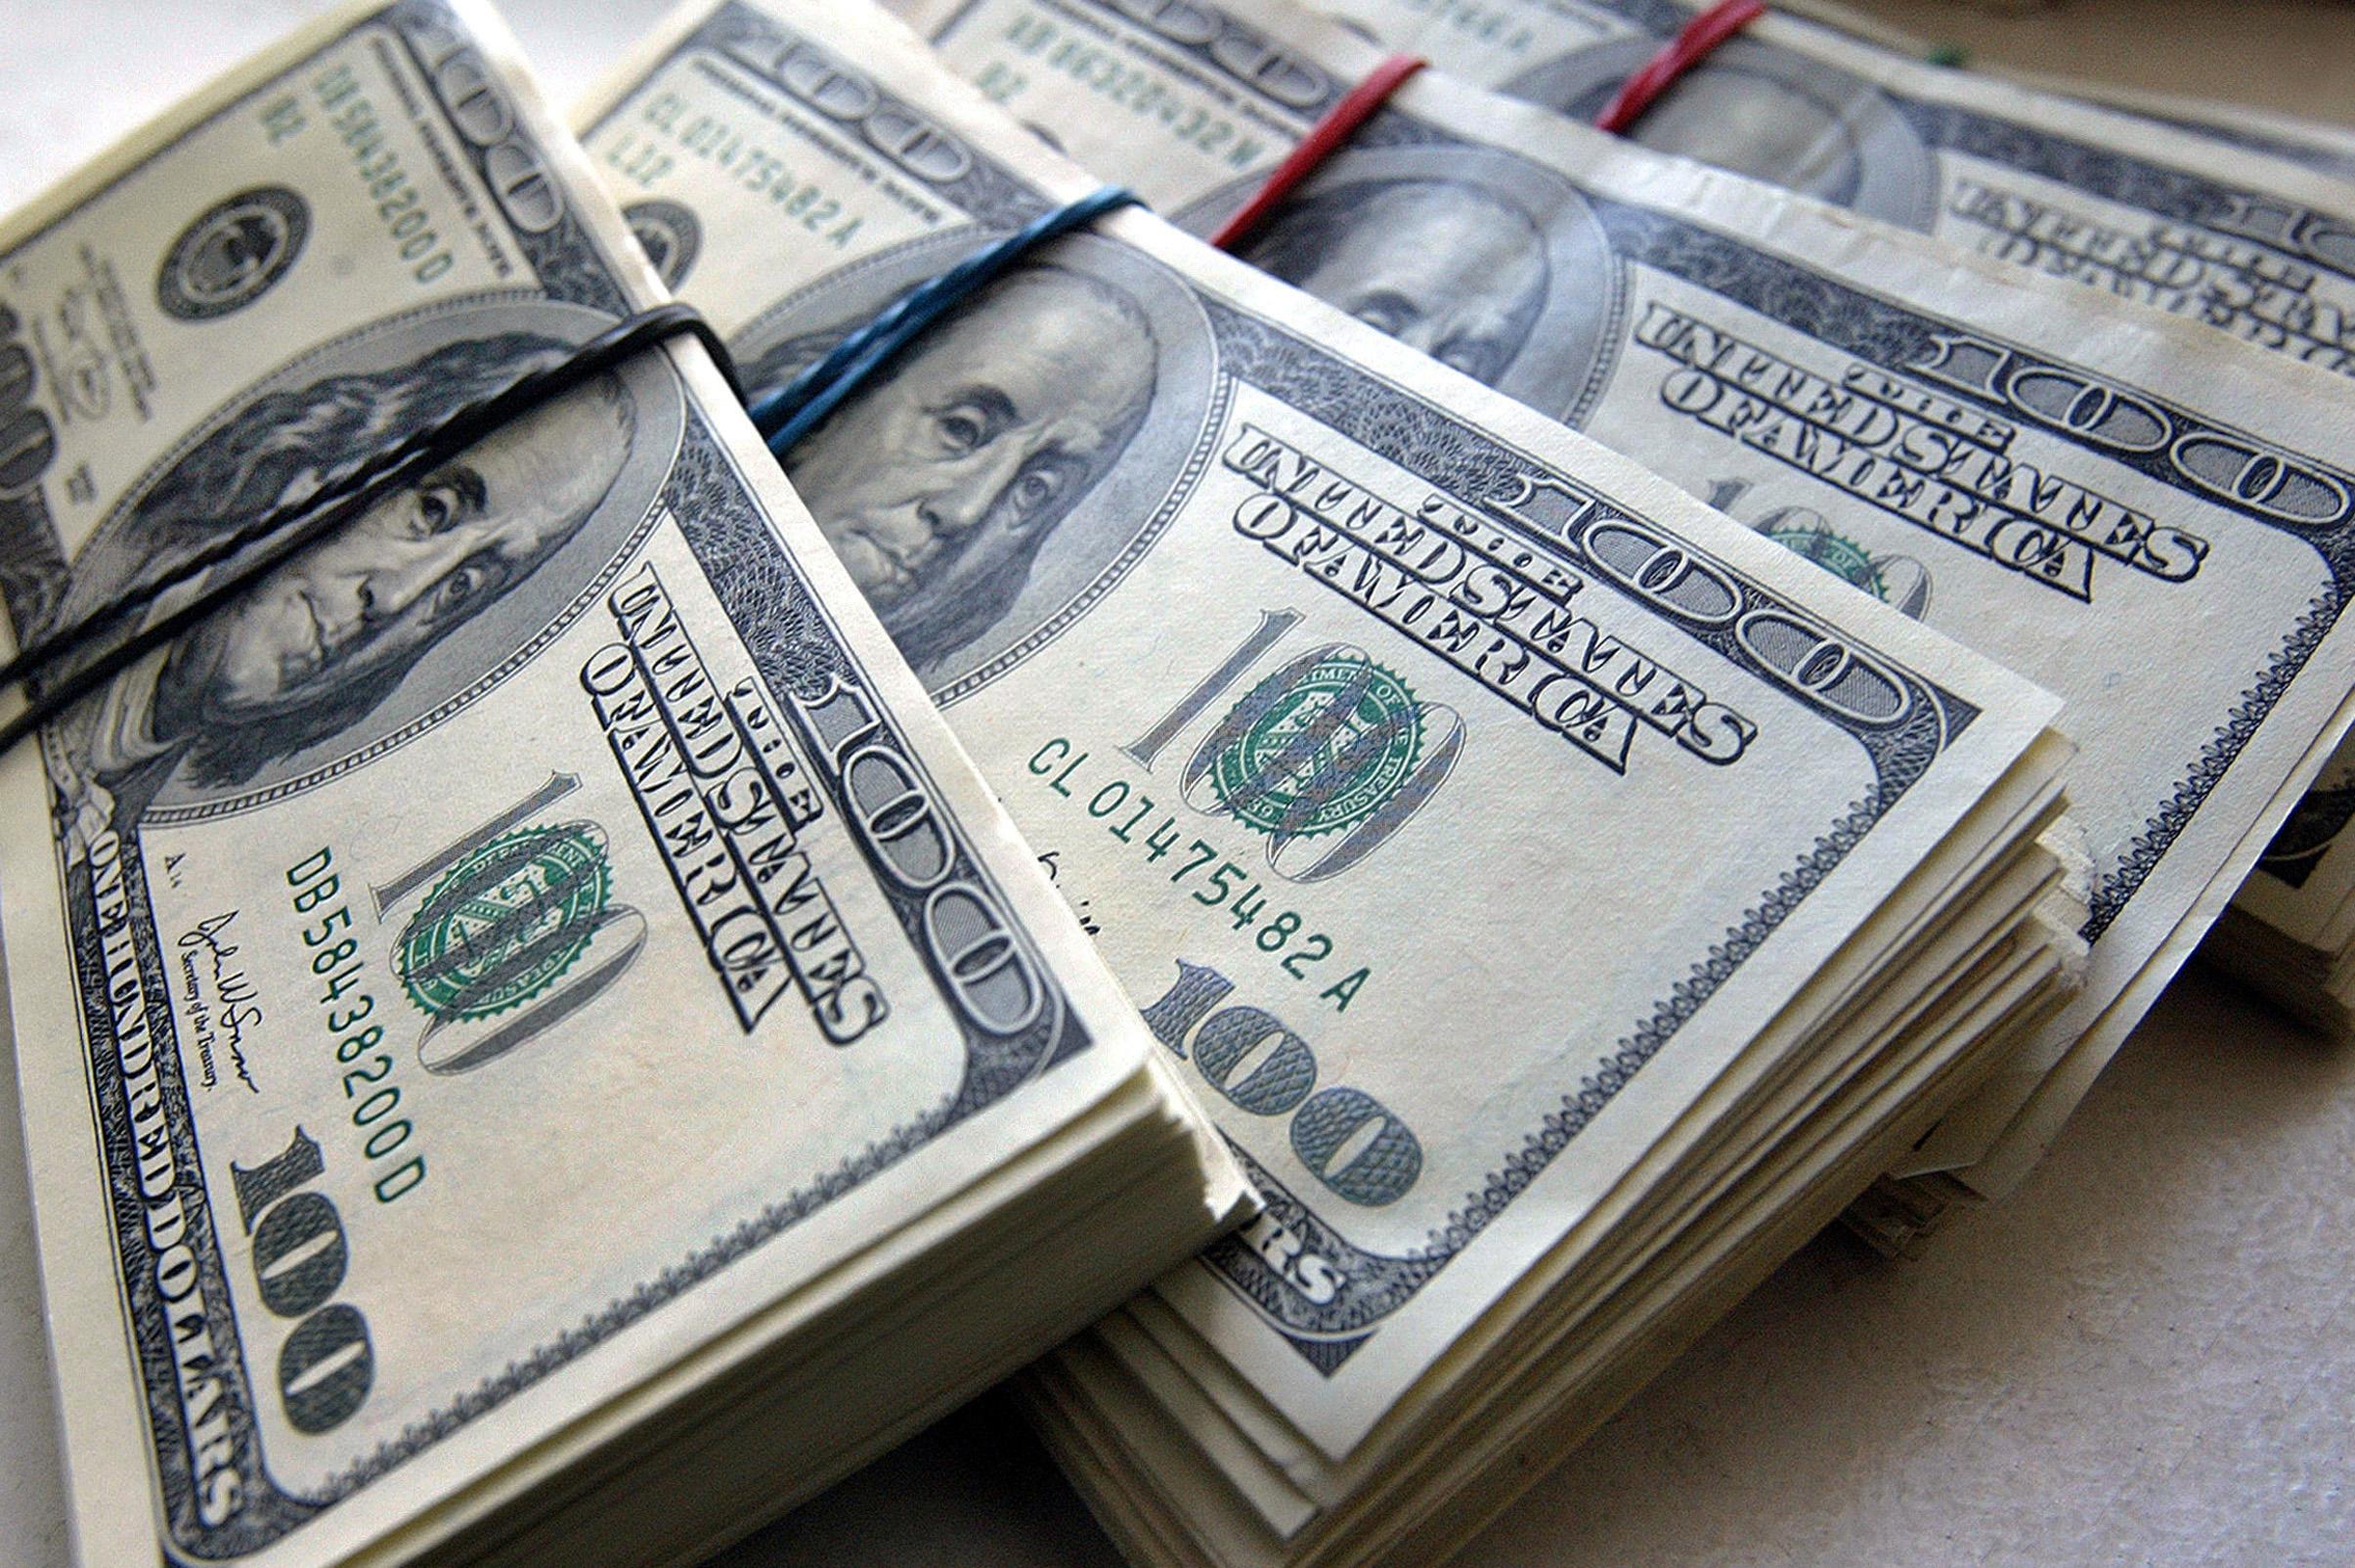 АО «Холдинг «КазАгро» сообщает о полном досрочном погашении еврооблигаций